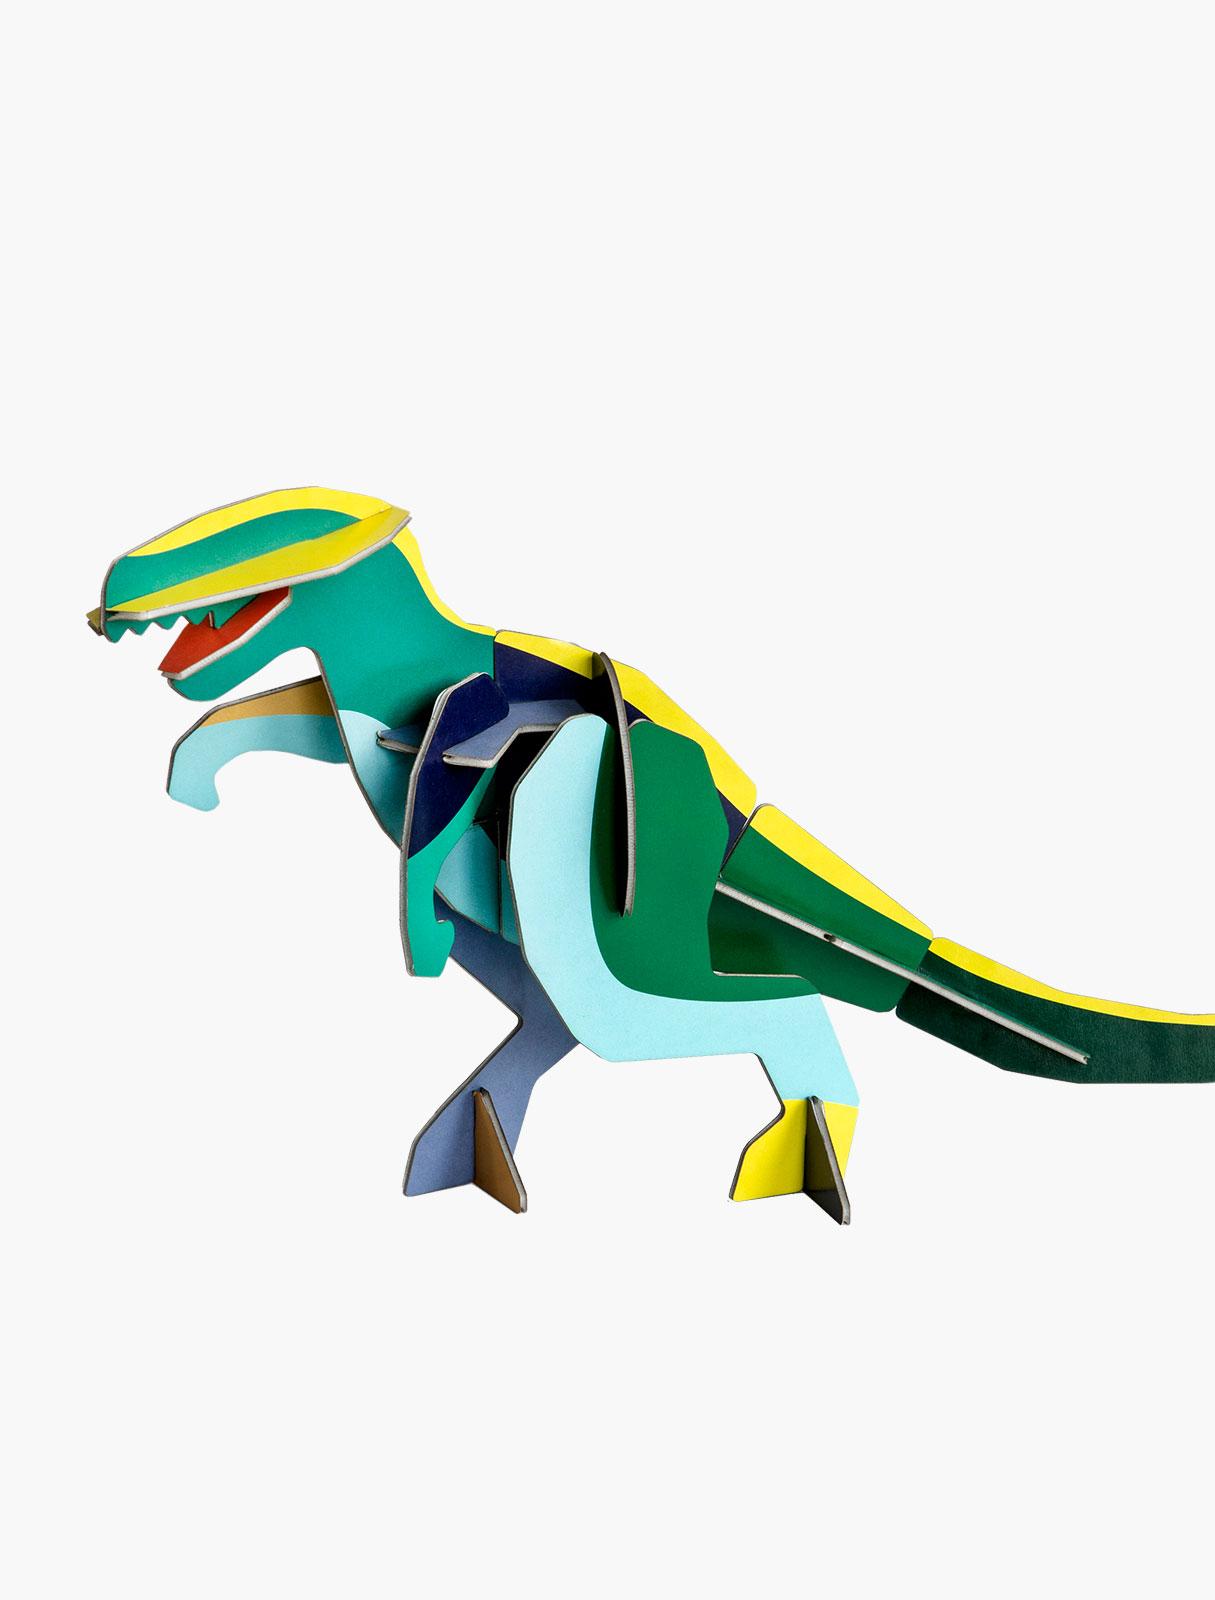 Objet 3D à construire - T-rex